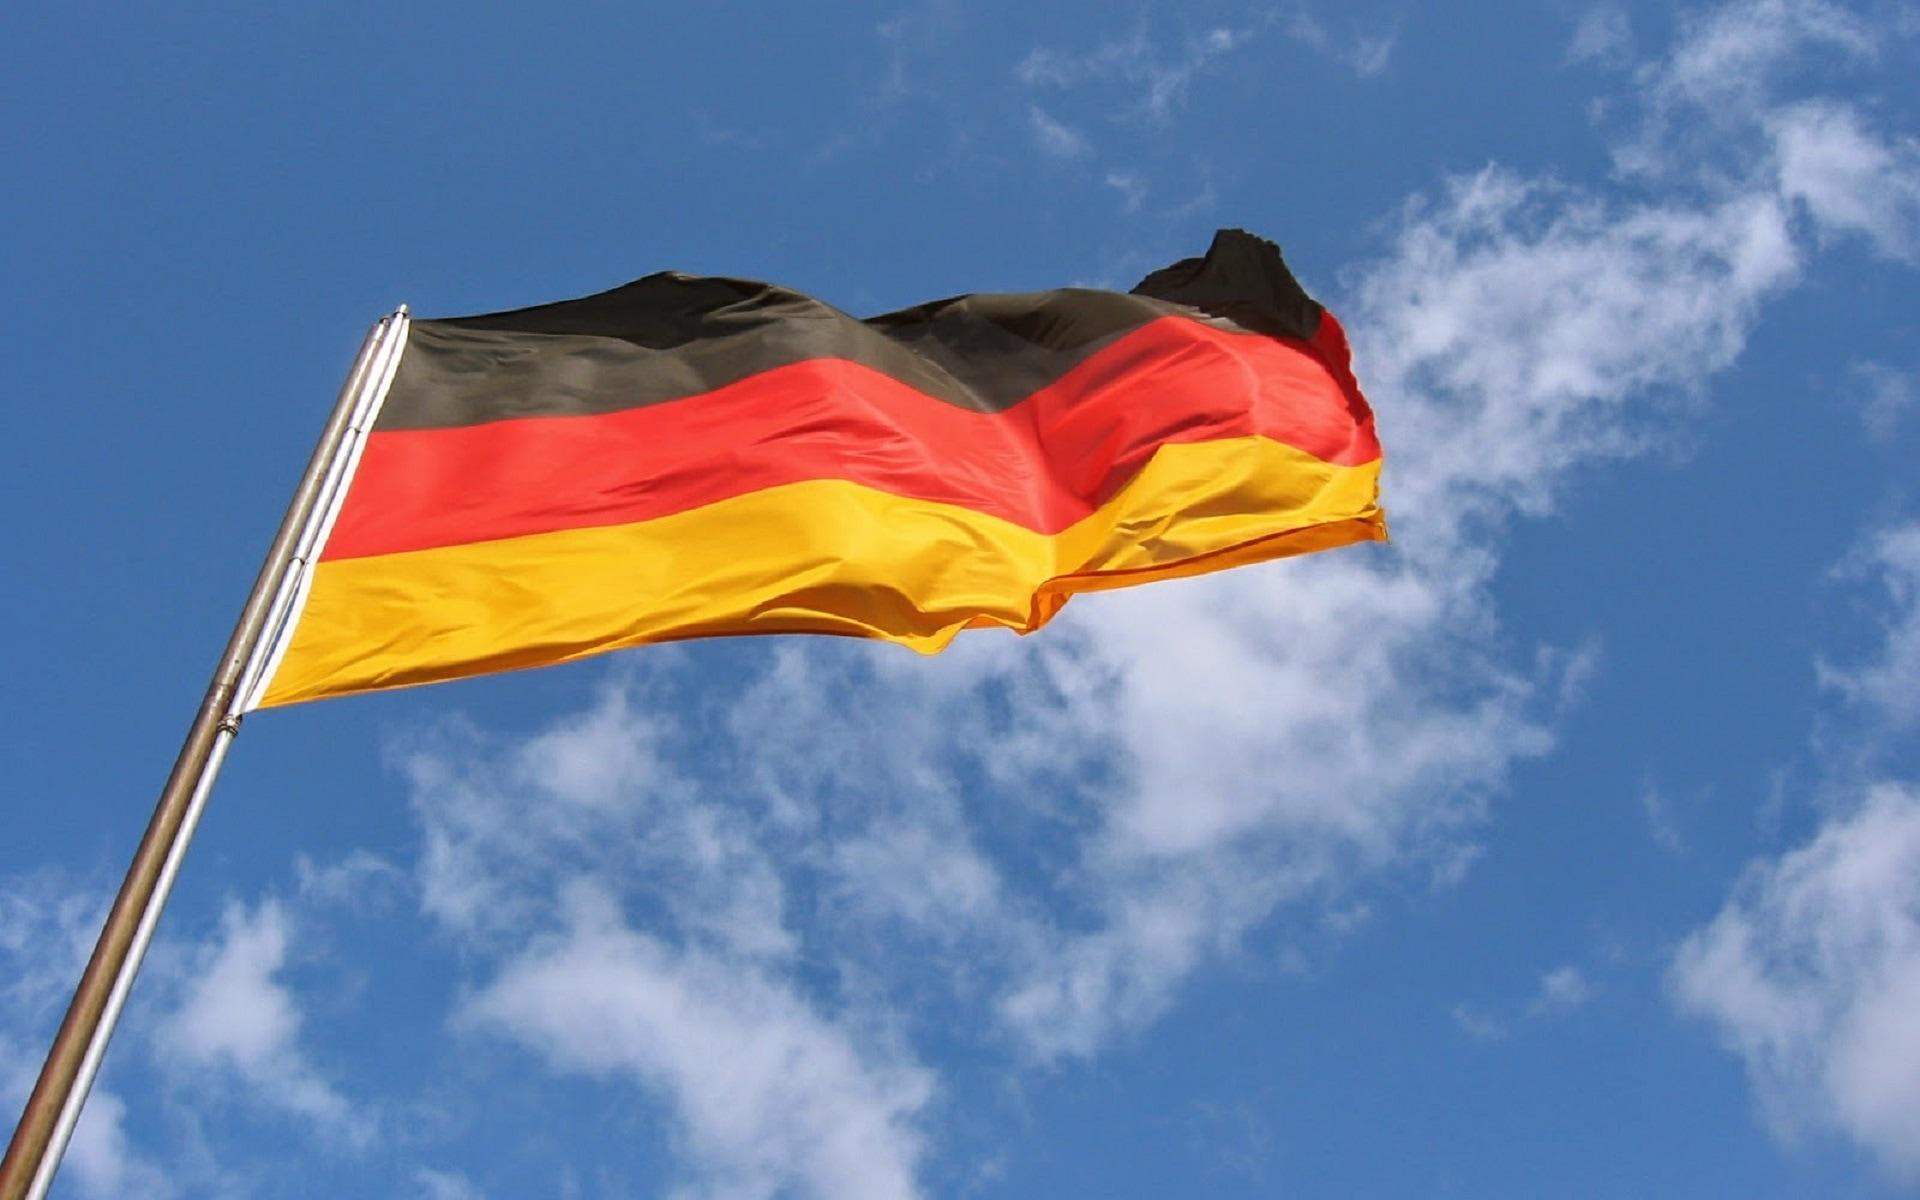 توقعات بنمو الاقتصاد الألماني بنسبة 2.1% خلال 2018